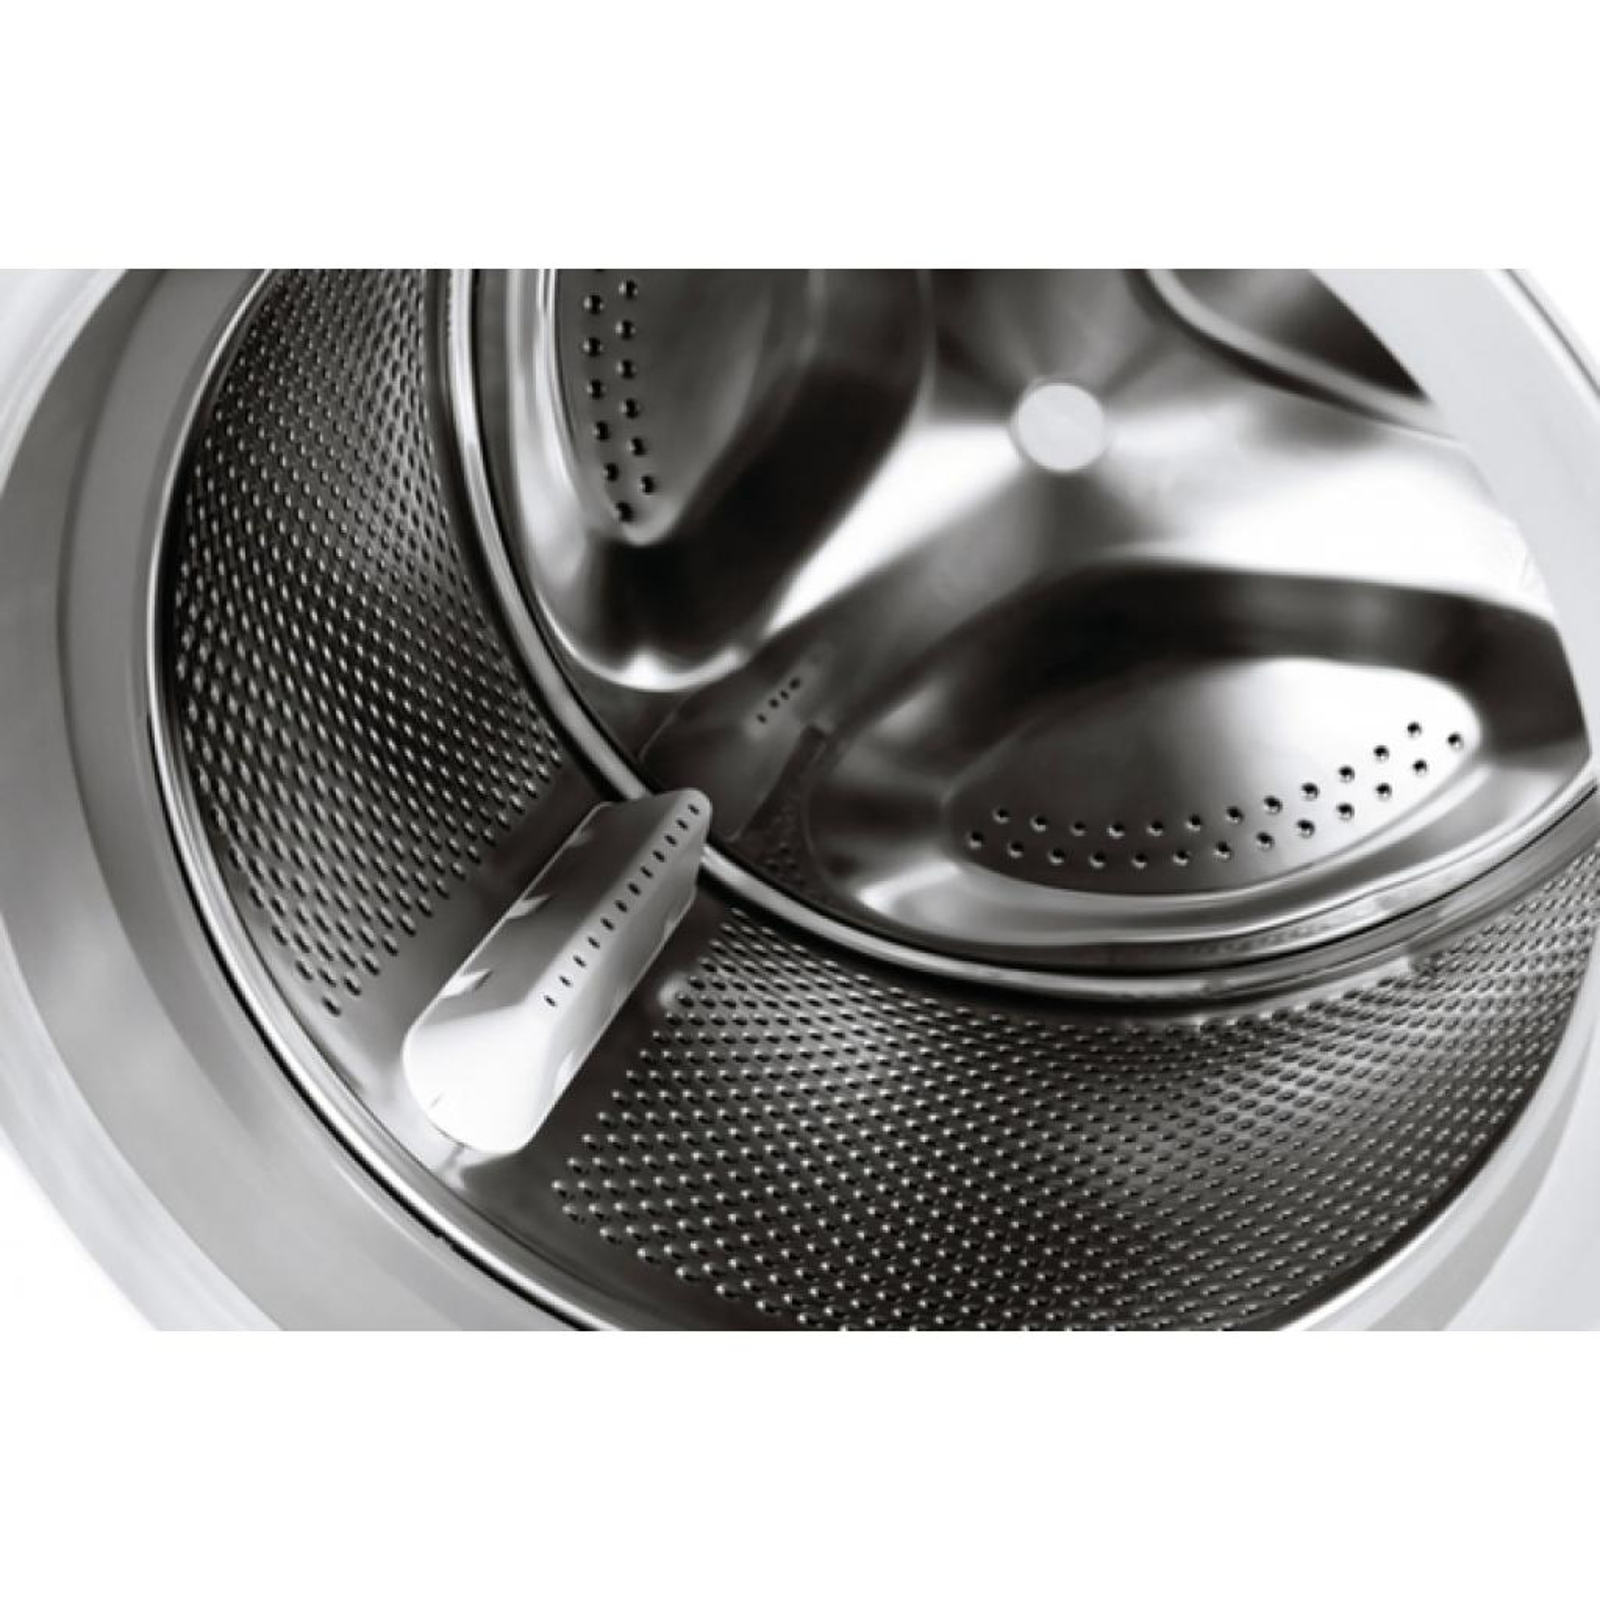 Стиральная машина Whirlpool FWSG61283BVEE изображение 2